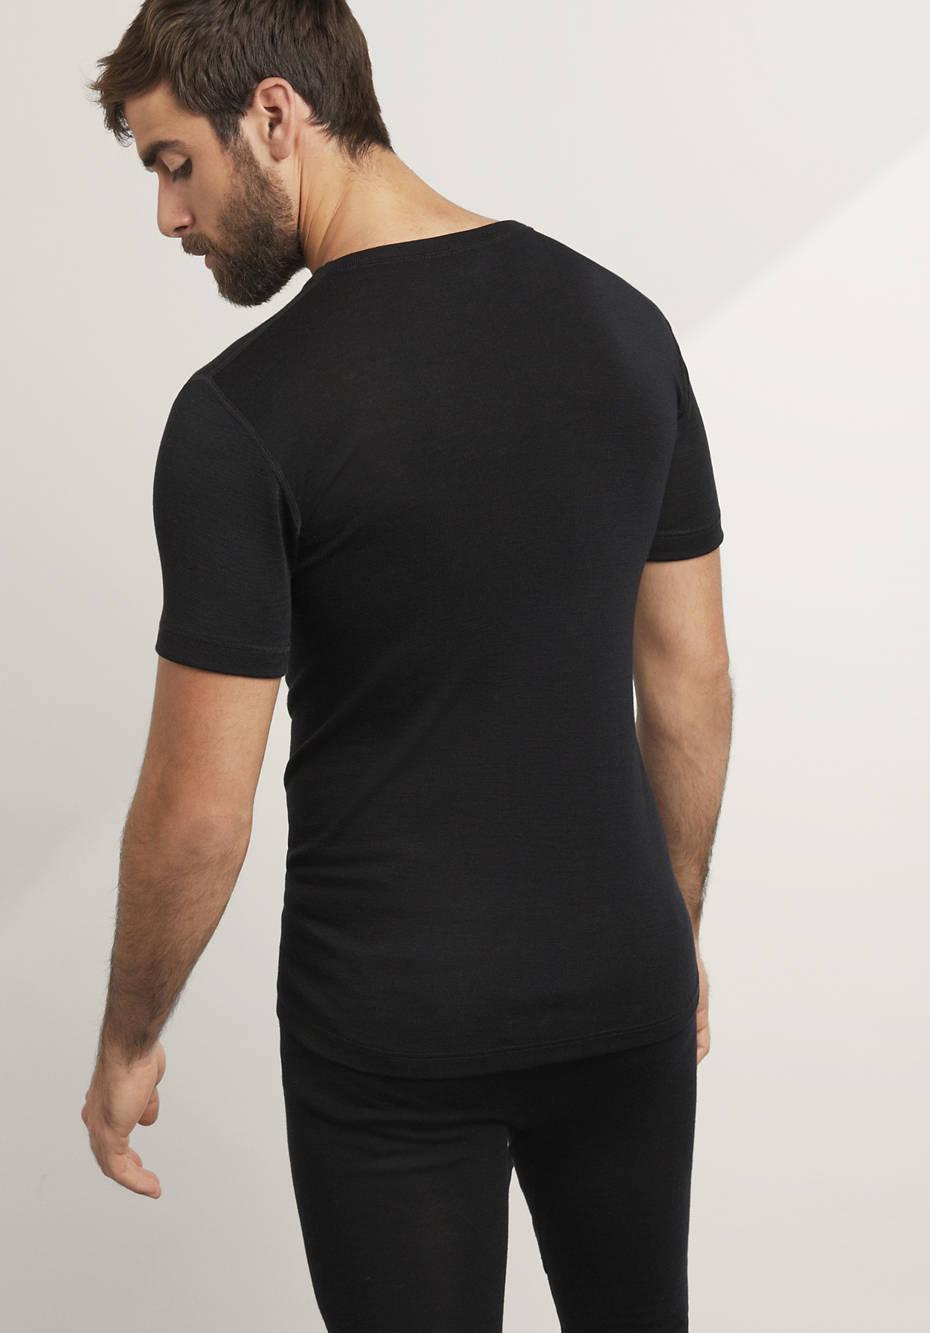 Herren Halbarm-Shirt PureMIX aus Bio-Merinowolle mit Seide